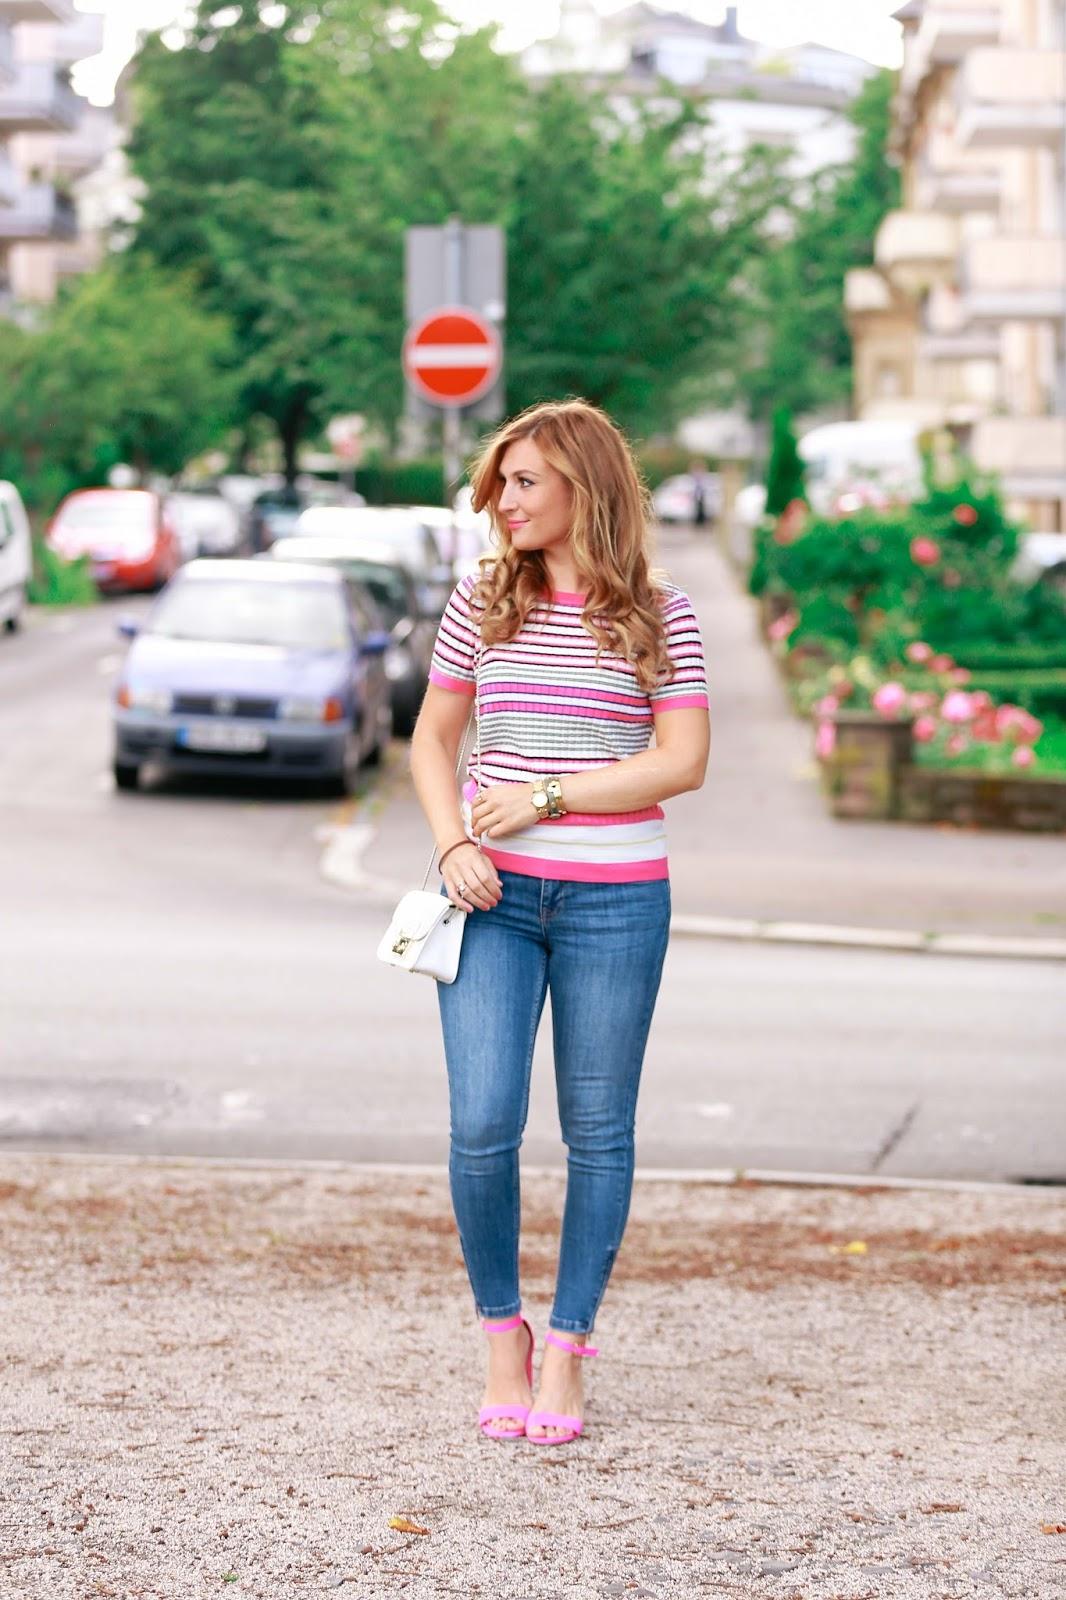 Blogger-aus-deutschland-fashionstylebyjohanna-streifenshirt-rosa-pink